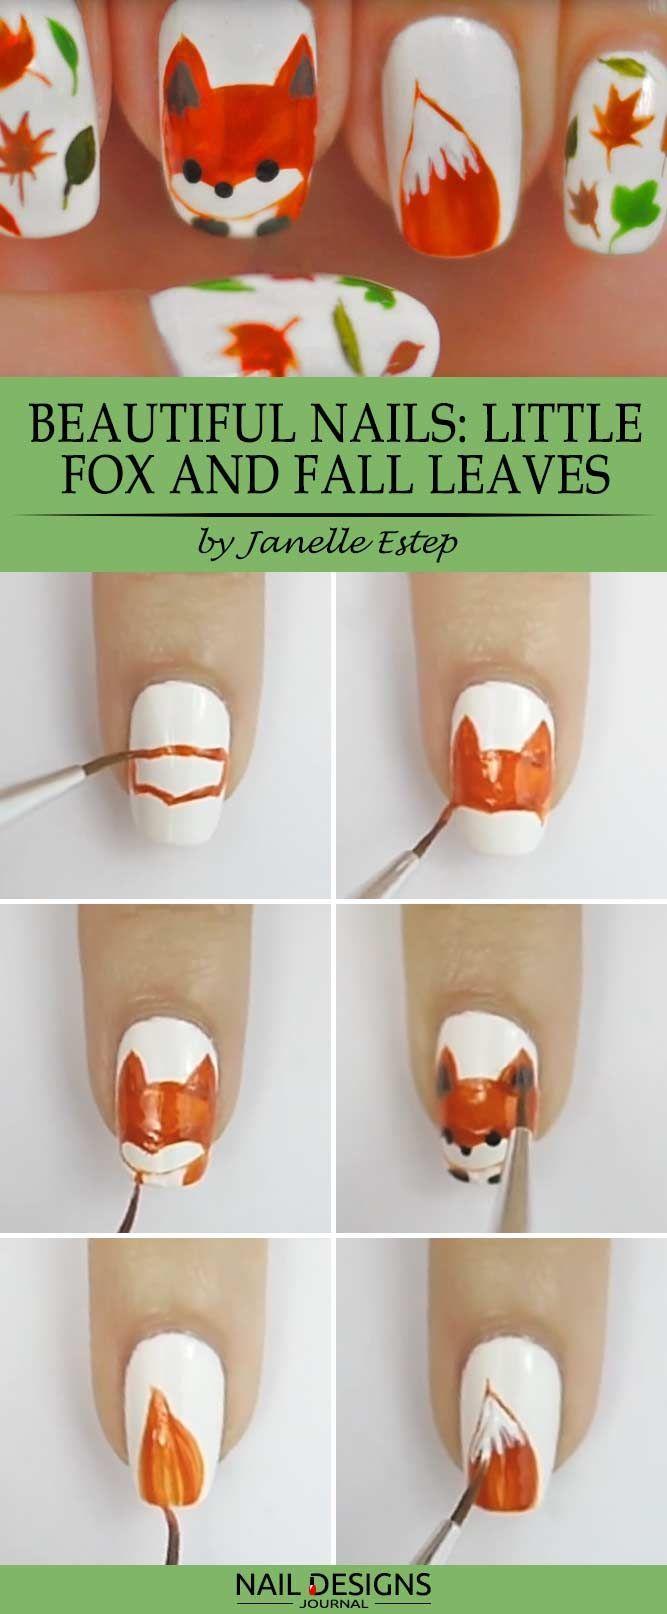 Foxy Nails: Der heißeste Trend dieses Herbstes